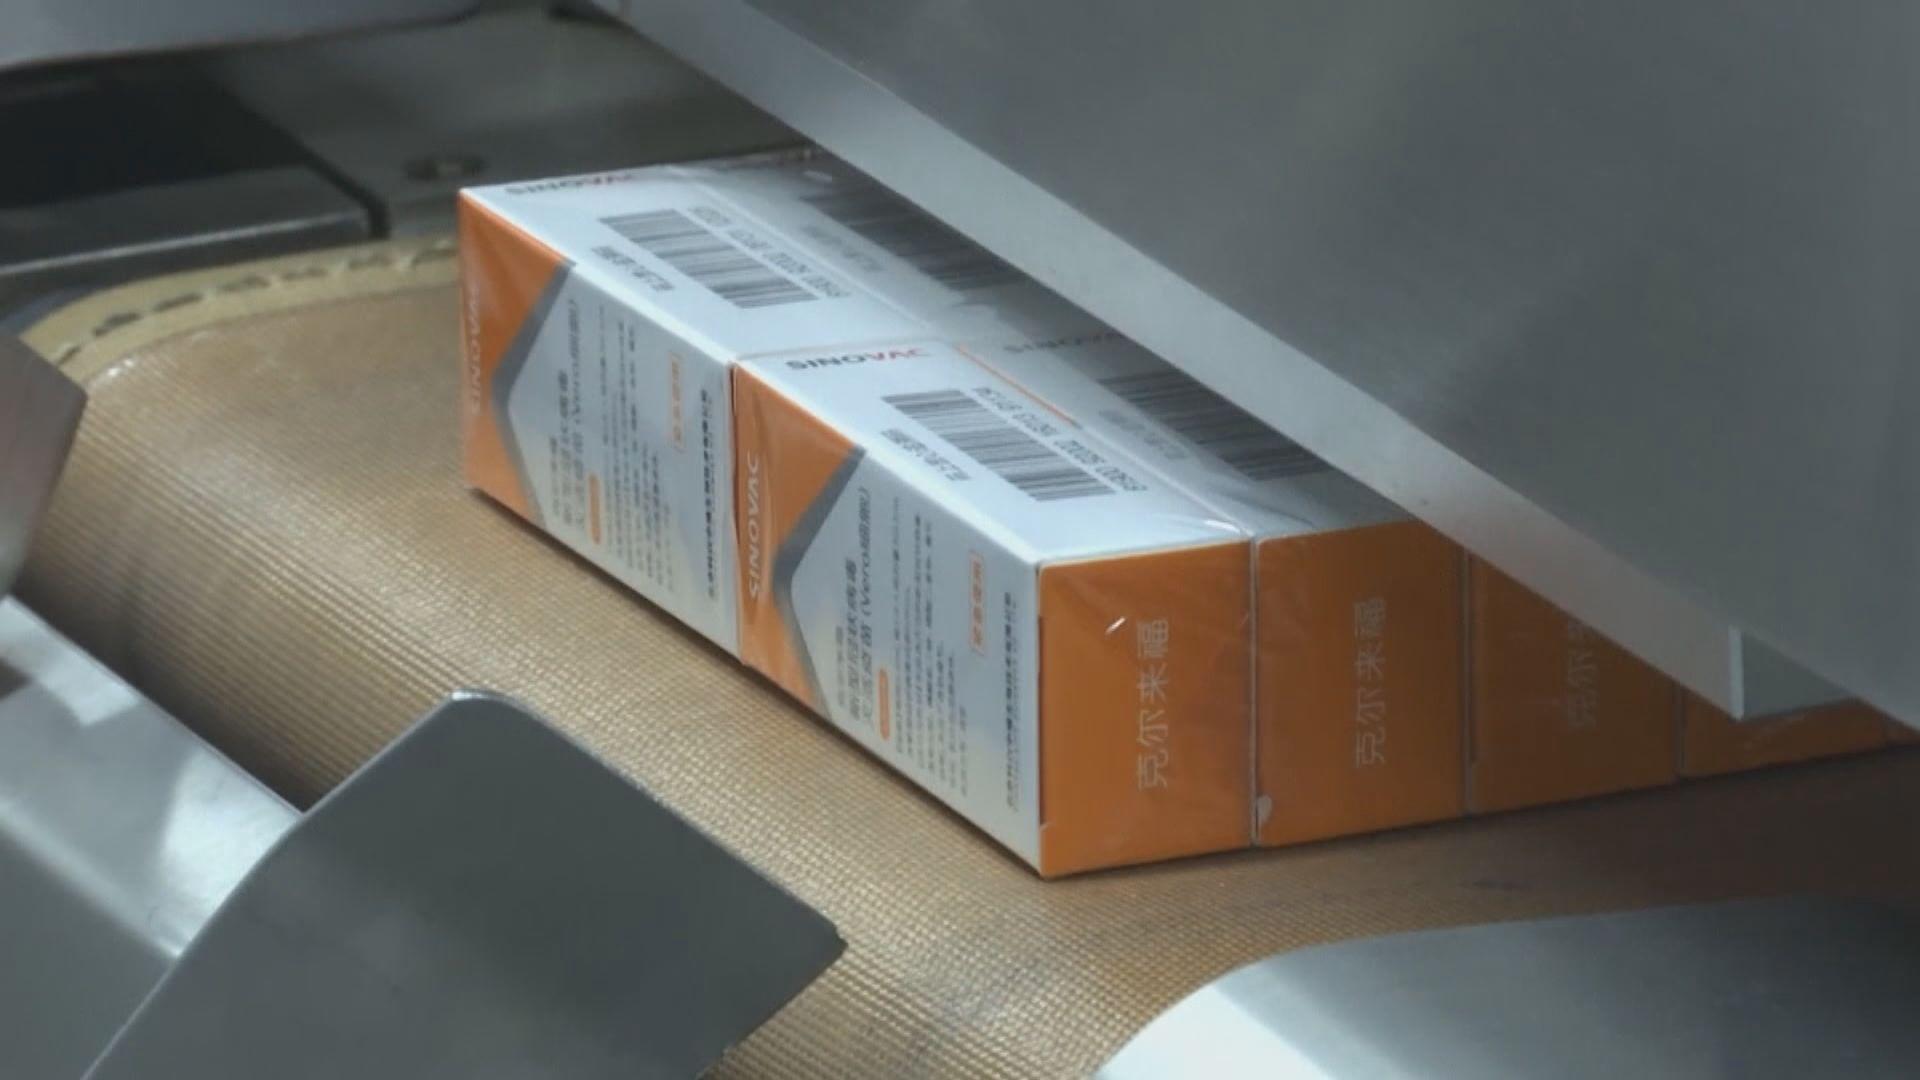 世衛正審核科興及國藥疫苗 本地專家希望科興向本港提交相同數據